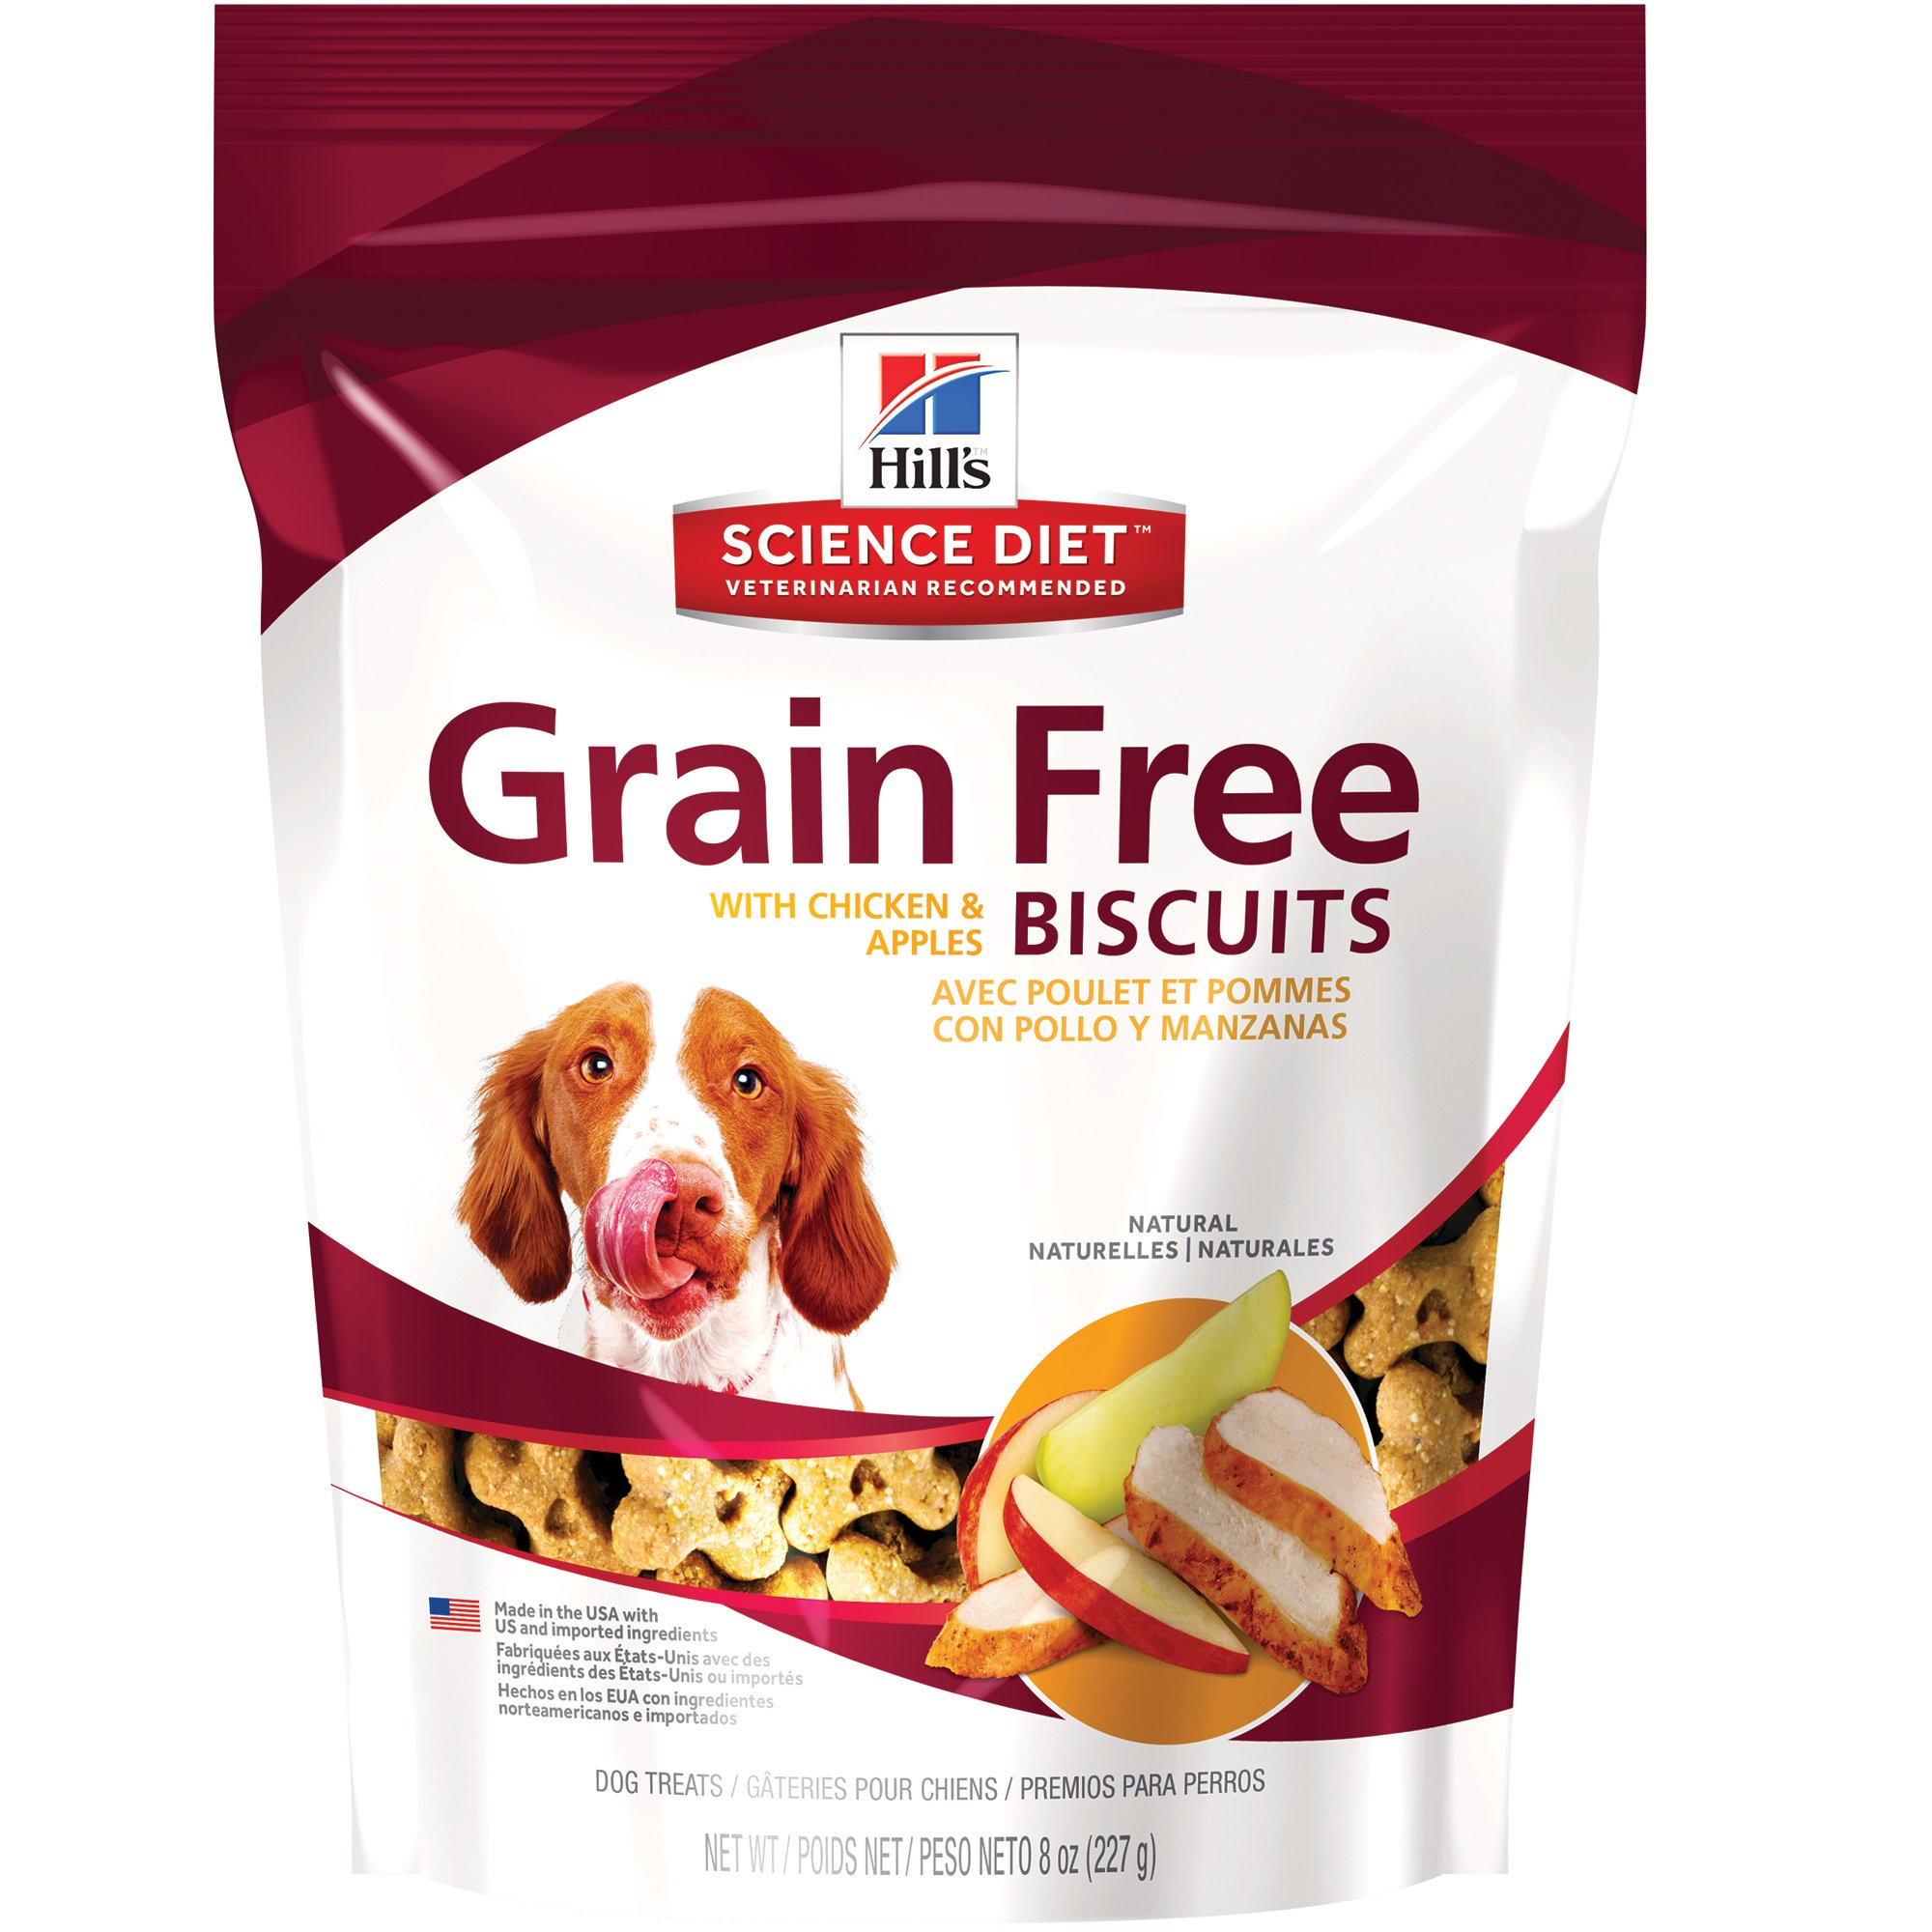 Hills grain free crunchy naturals with chicken apples